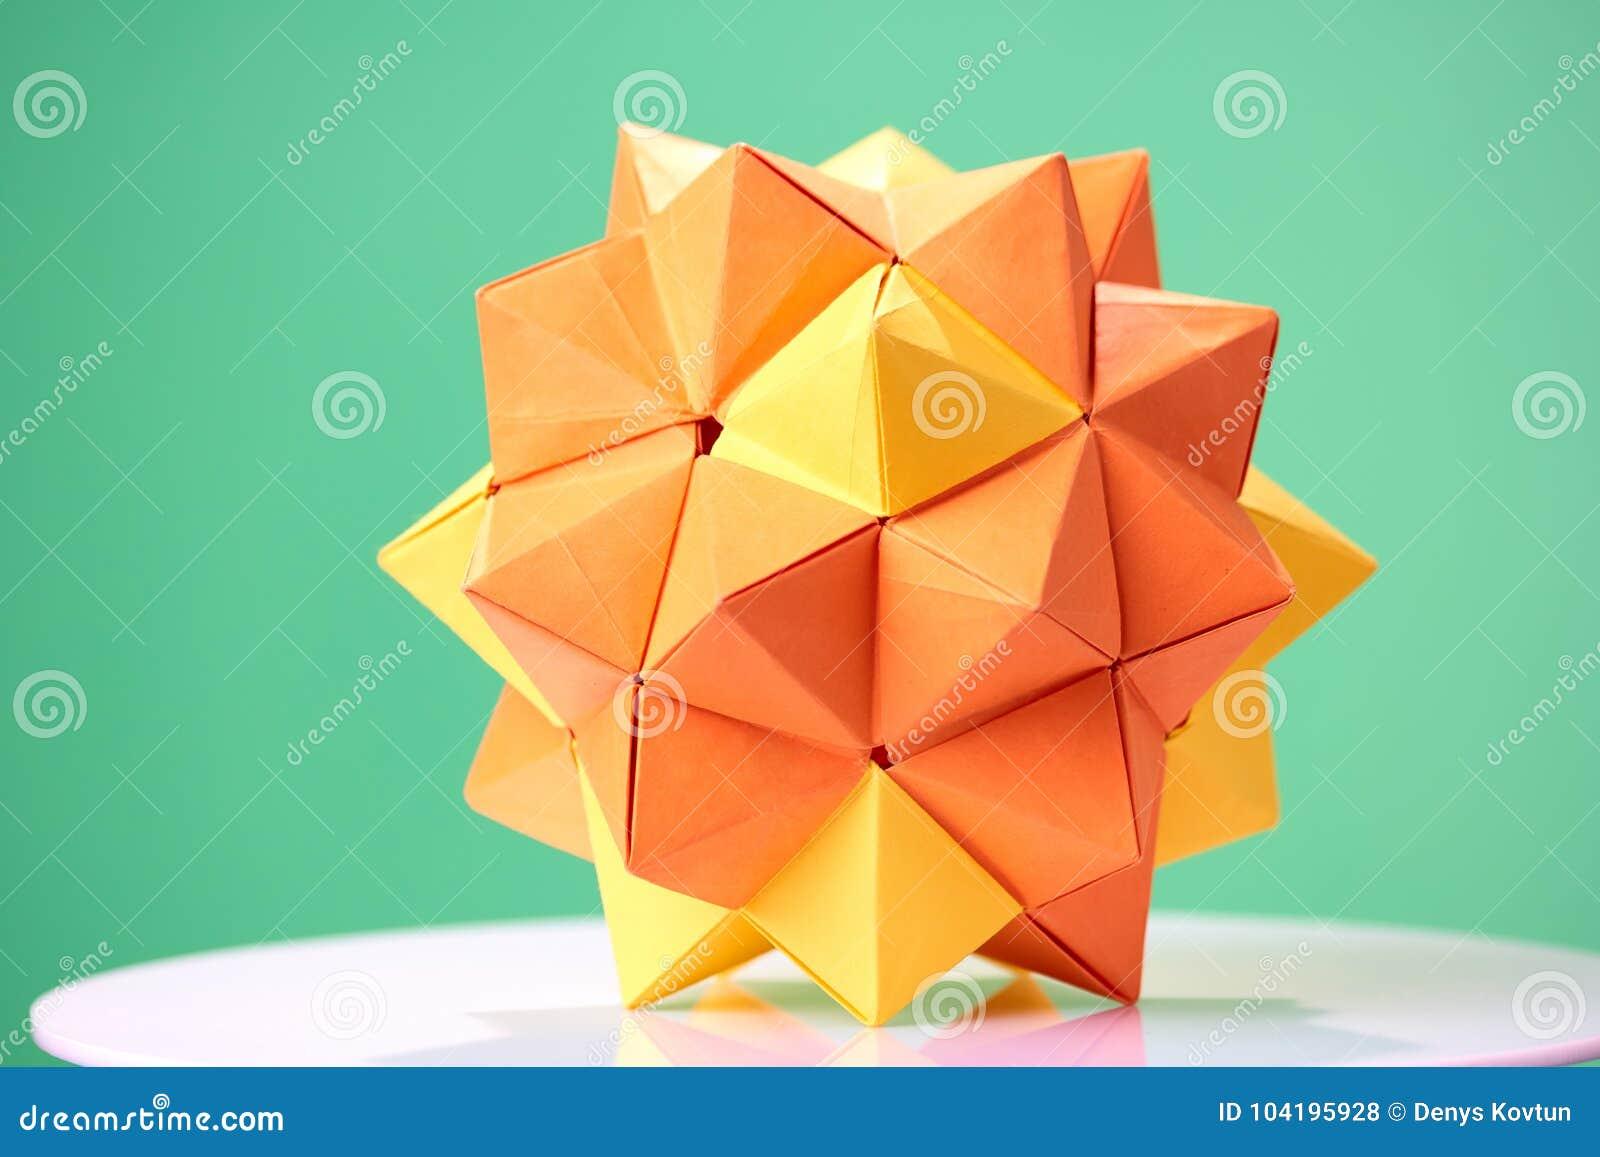 Origami Dodecahedron | Origami, Dodecahedron, Paper flowers | 957x1300